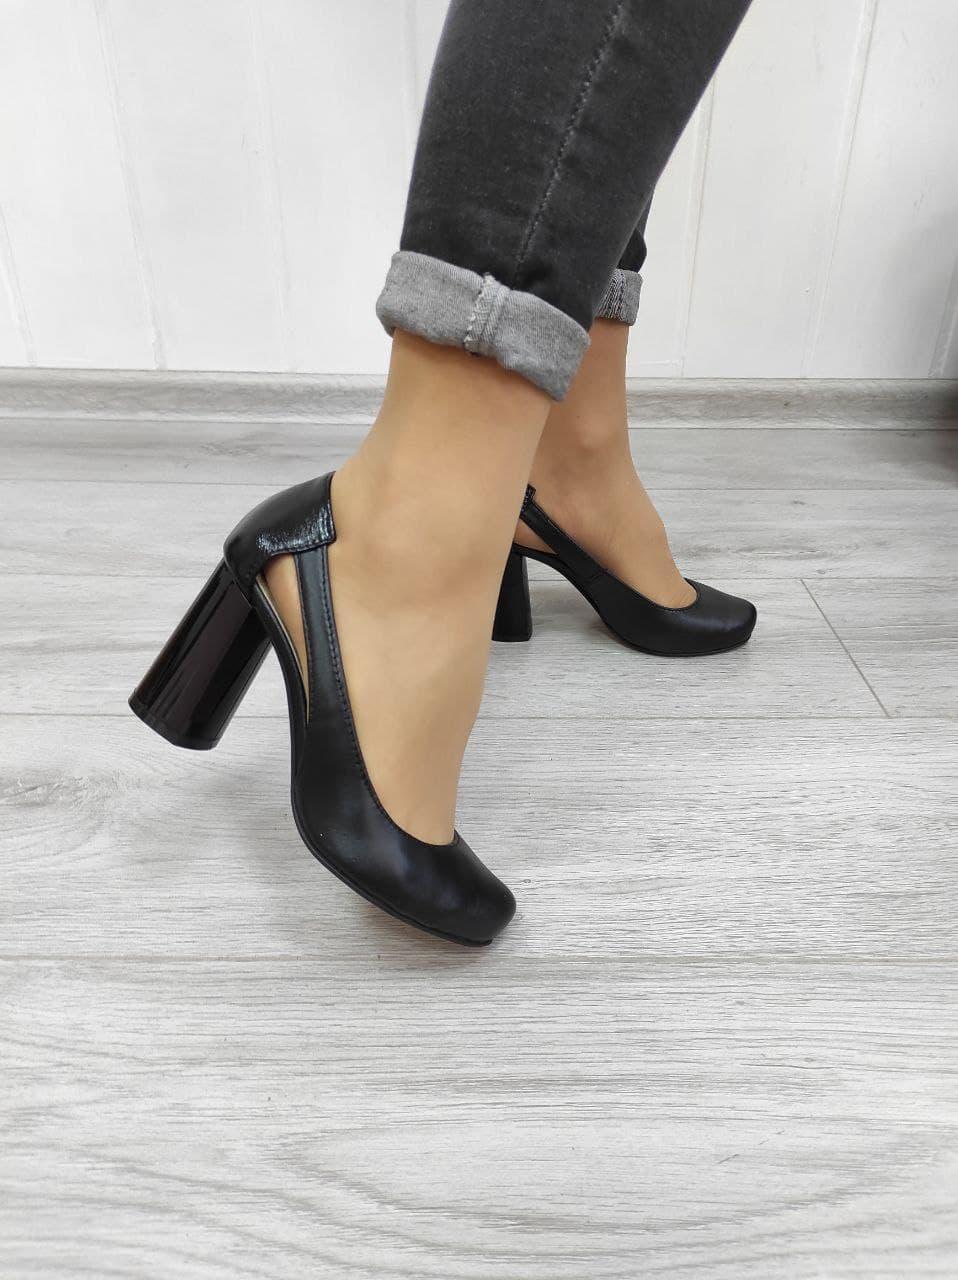 Кожаные женские открытые туфли на высоком каблуке